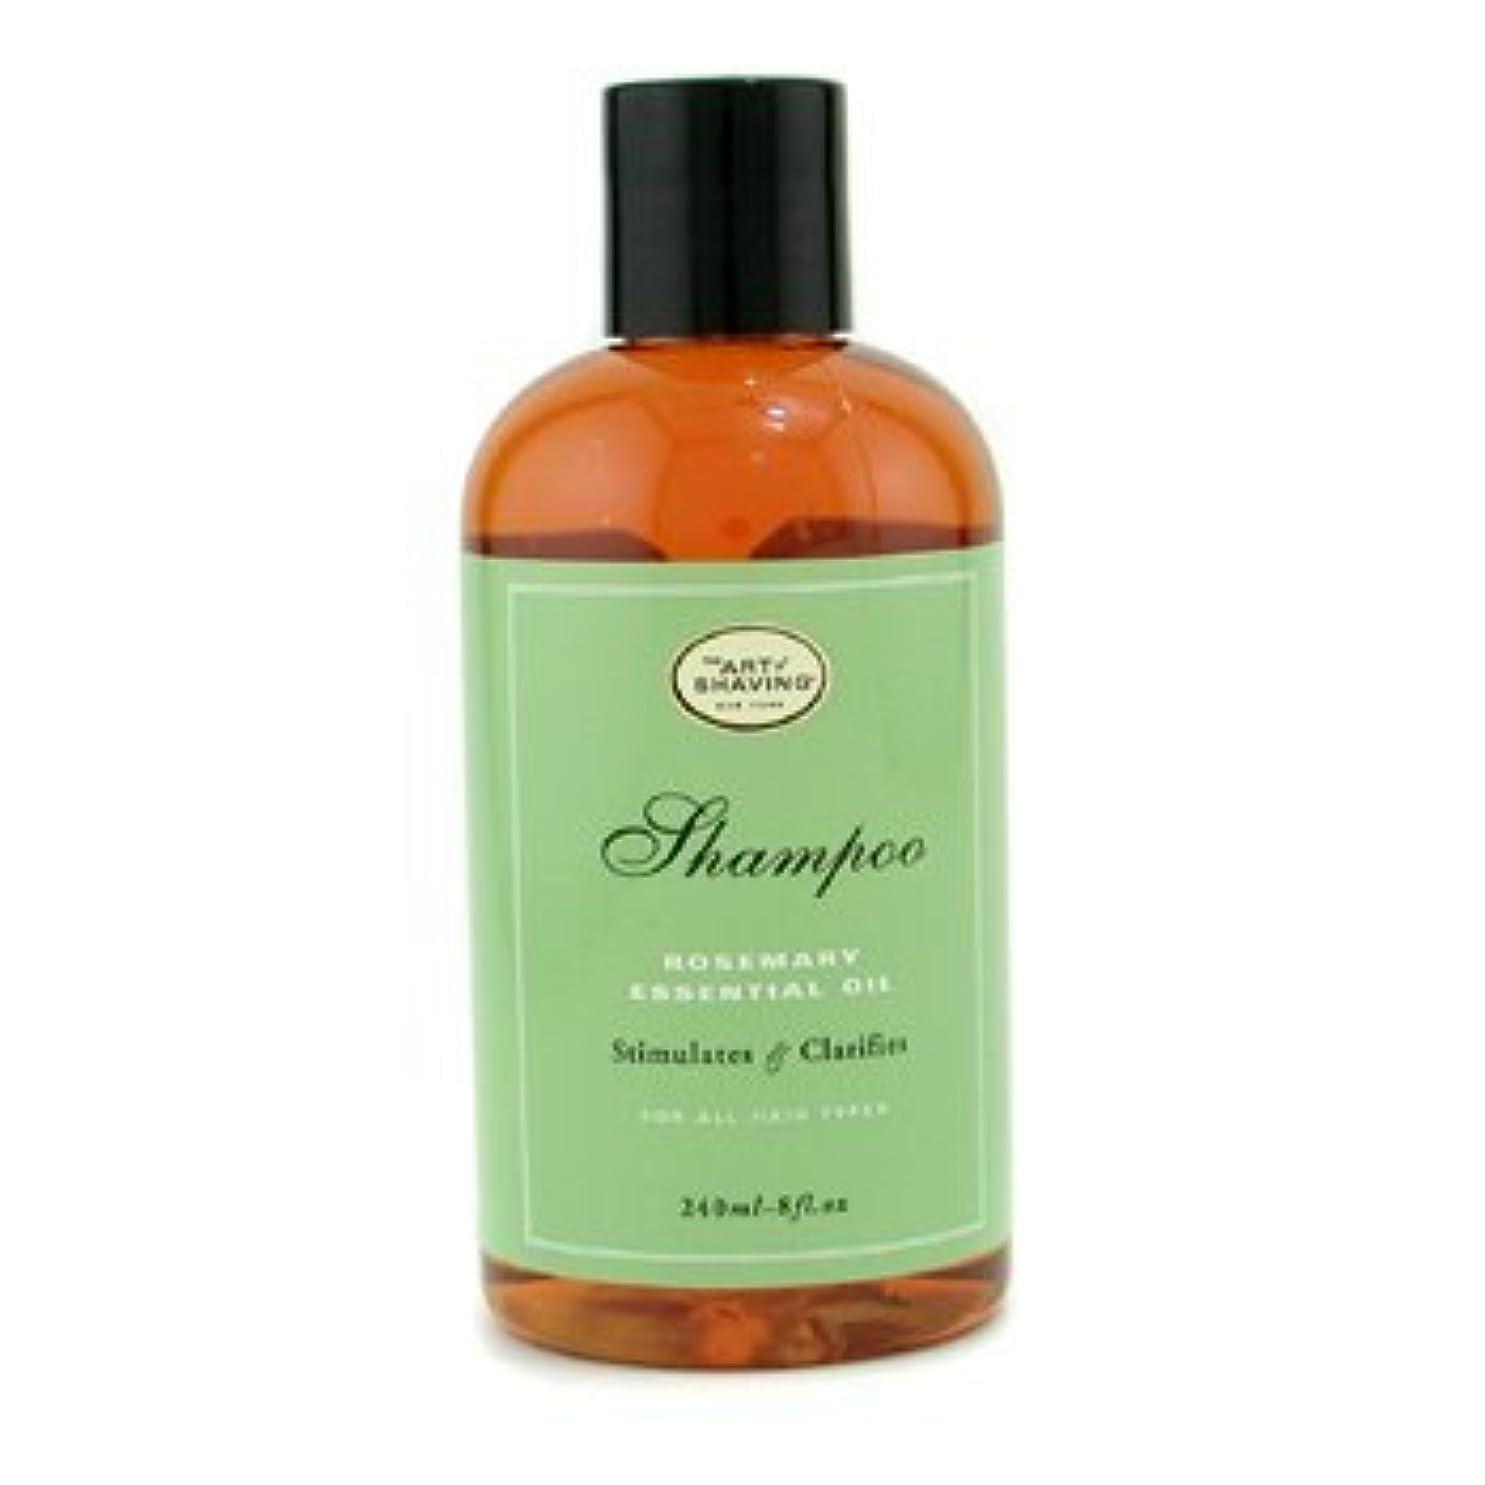 チートラボ接続詞[The Art Of Shaving] Shampoo - Rosemary Essential Oil ( For All Hair Types ) 240ml/8oz